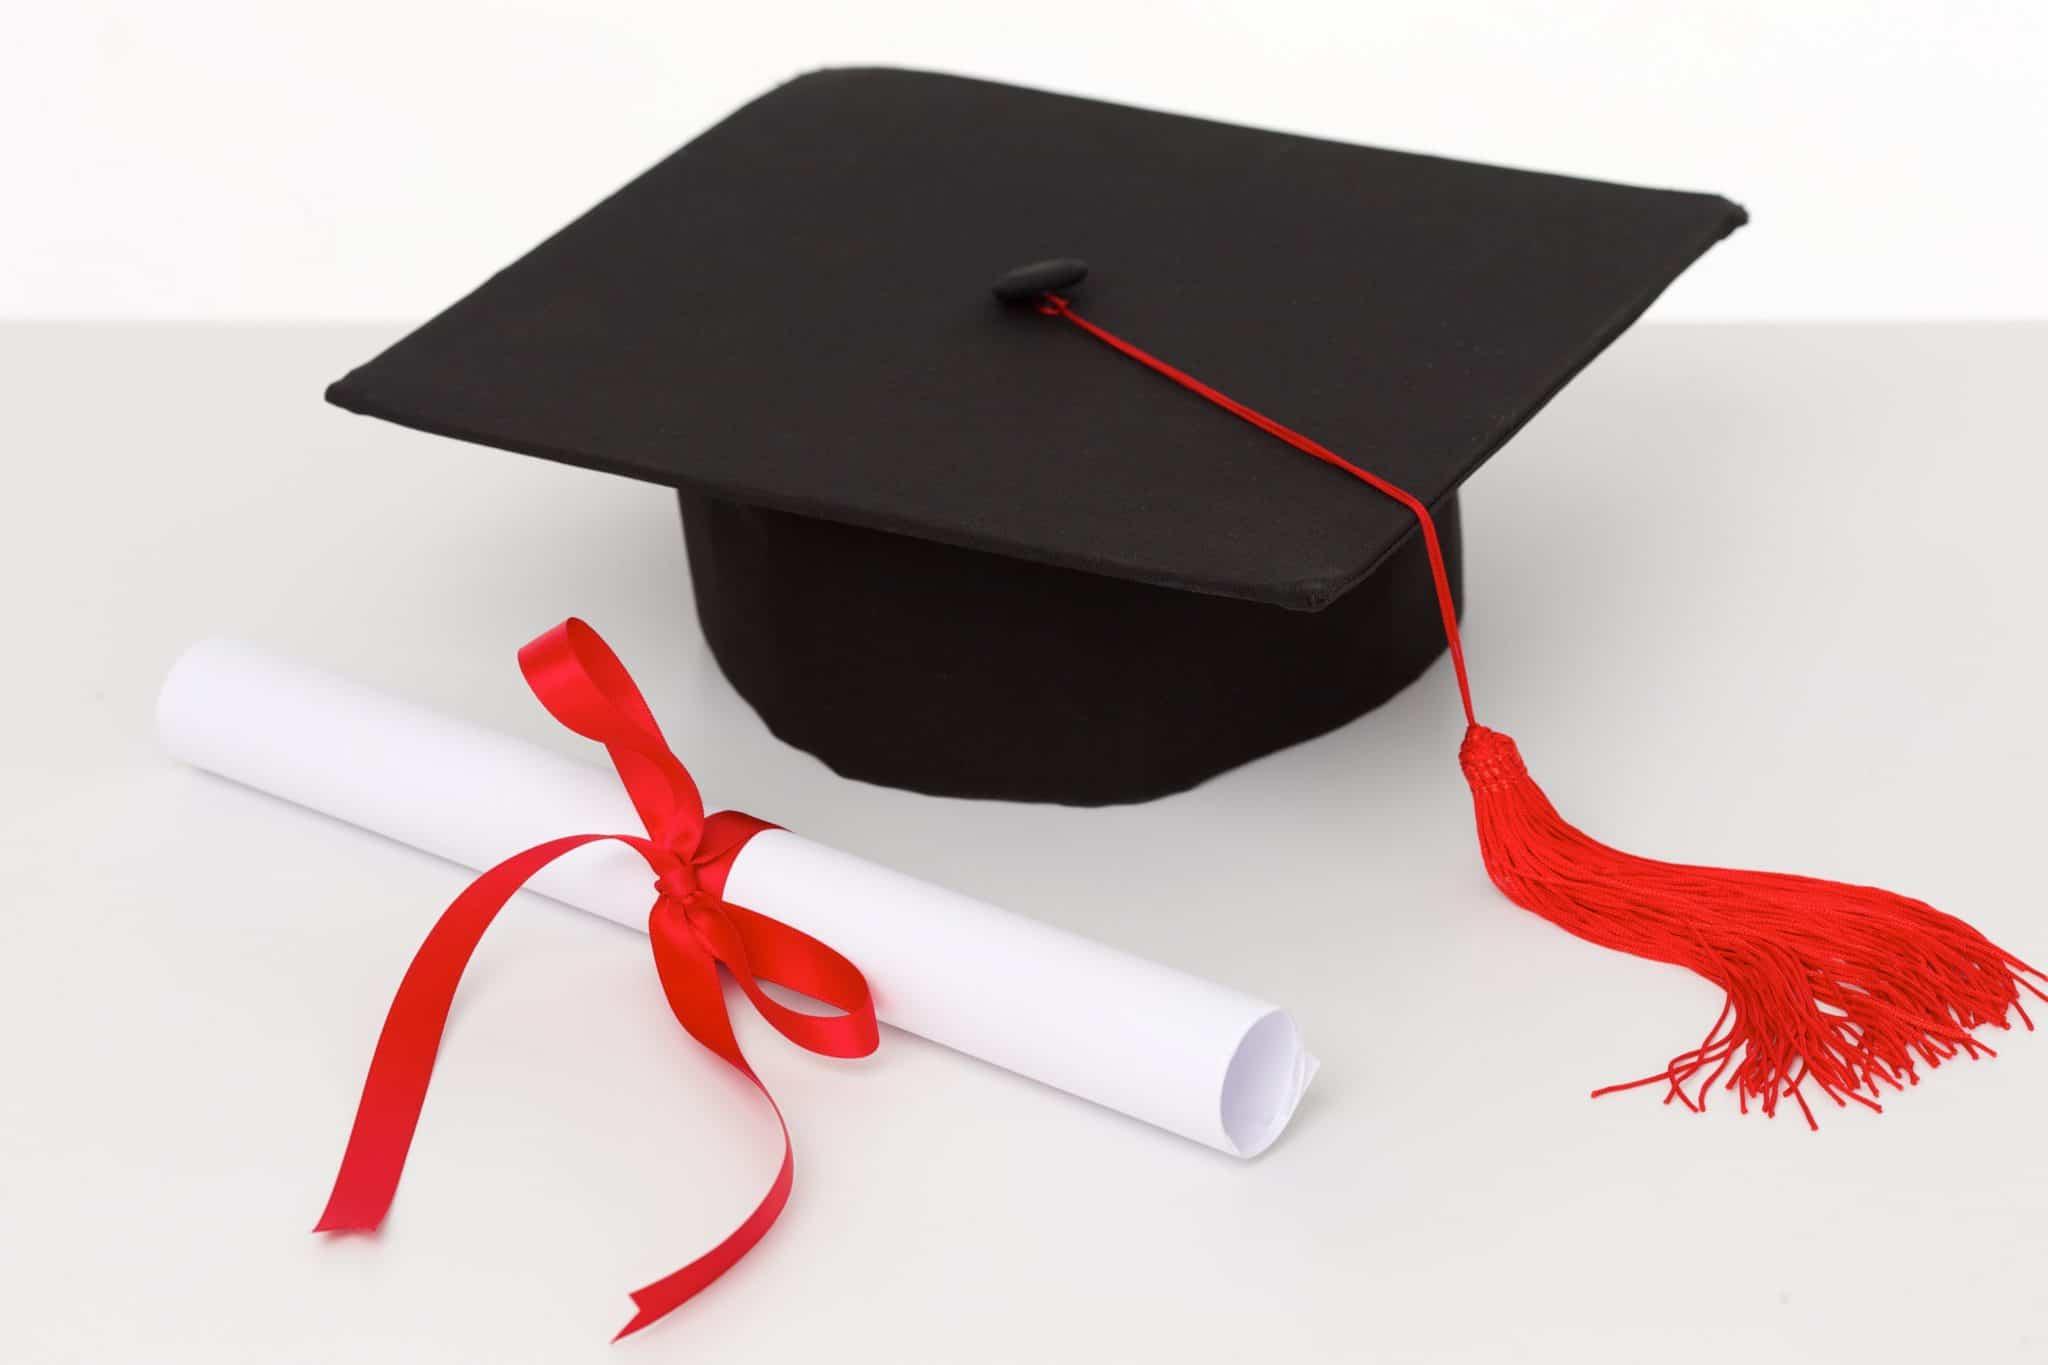 海外大学に進学するデメリット①:日本の大学よりも卒業が難しい